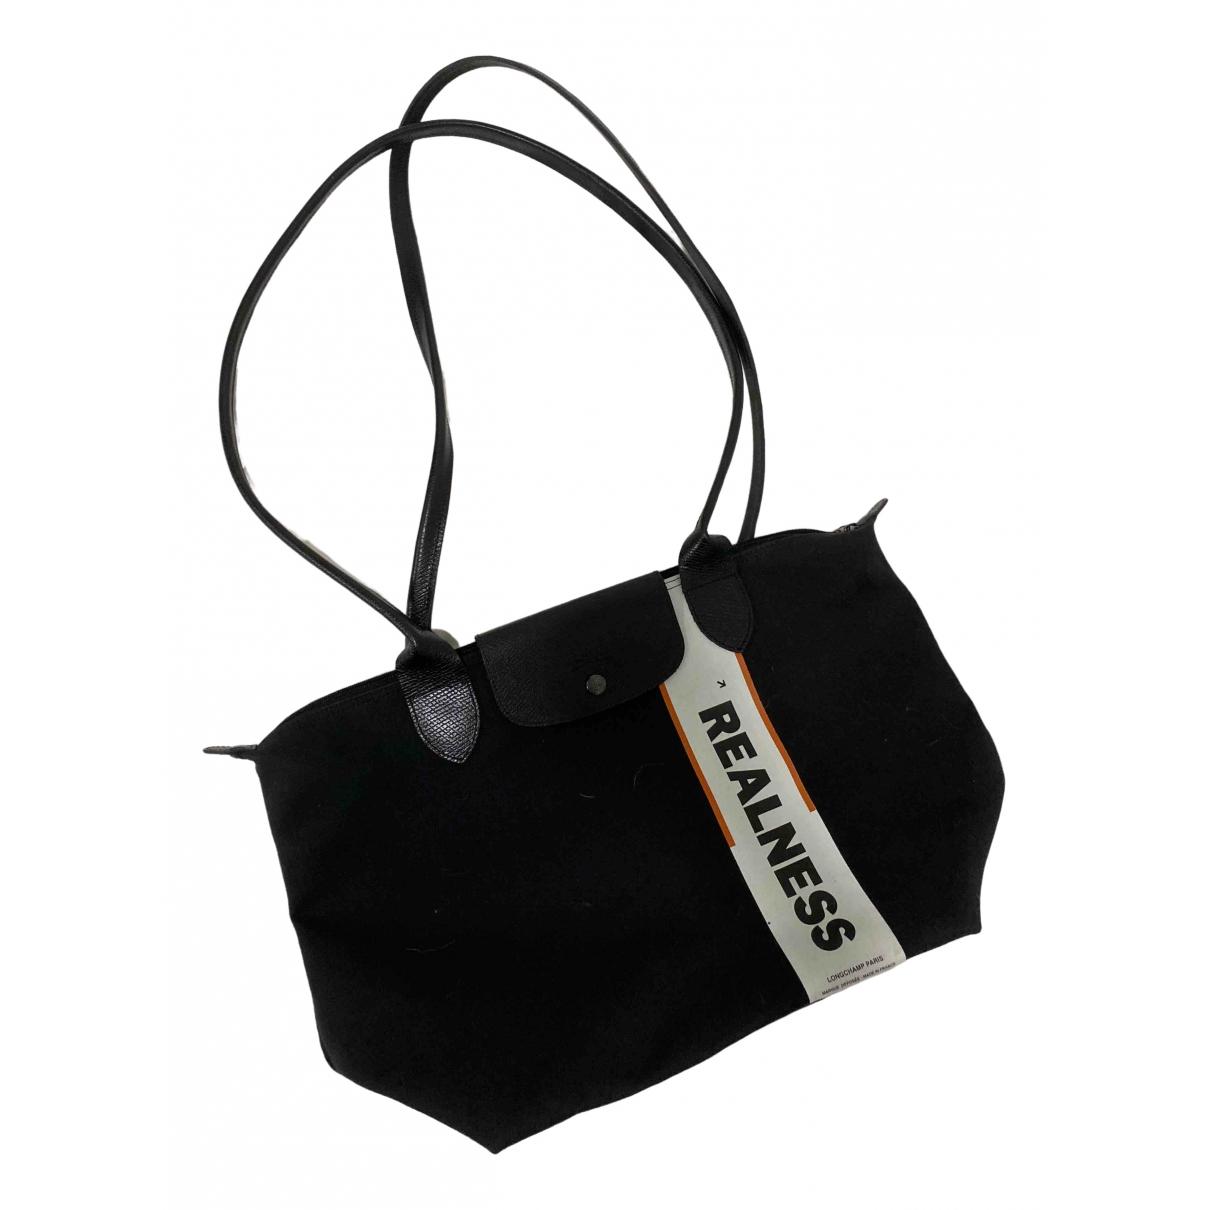 Longchamp \N Black Travel bag for Women \N